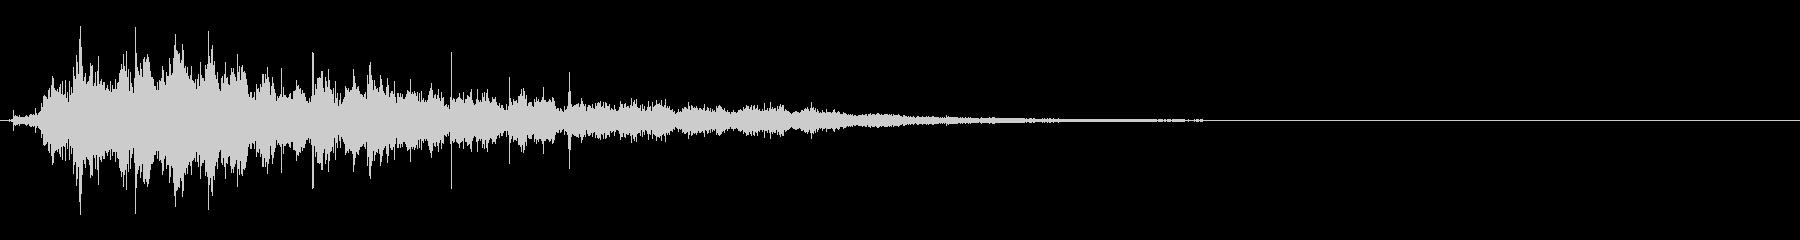 バサバサバサッ(鳥が飛び立つ音)の未再生の波形